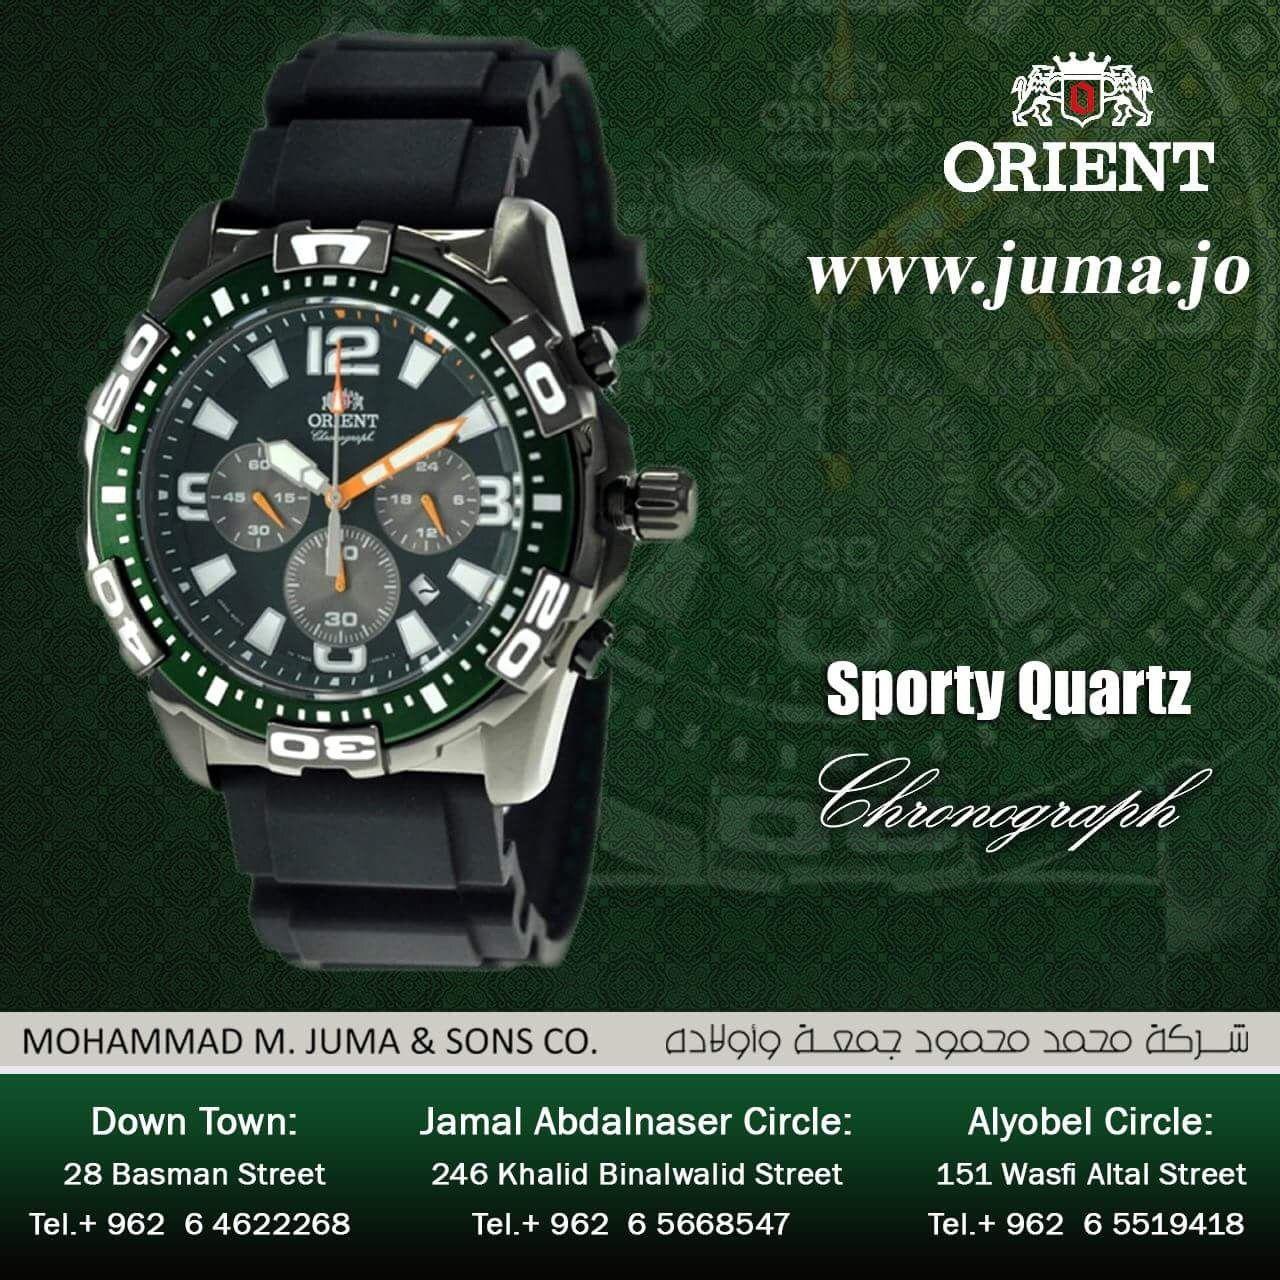 Shop Men S New Arrivals Orientwatch Orientwatches Wristwatch Chronograph Sport Quartz Luxury Fashion Watch Watc Orient Watch Quartz Watch Quartz